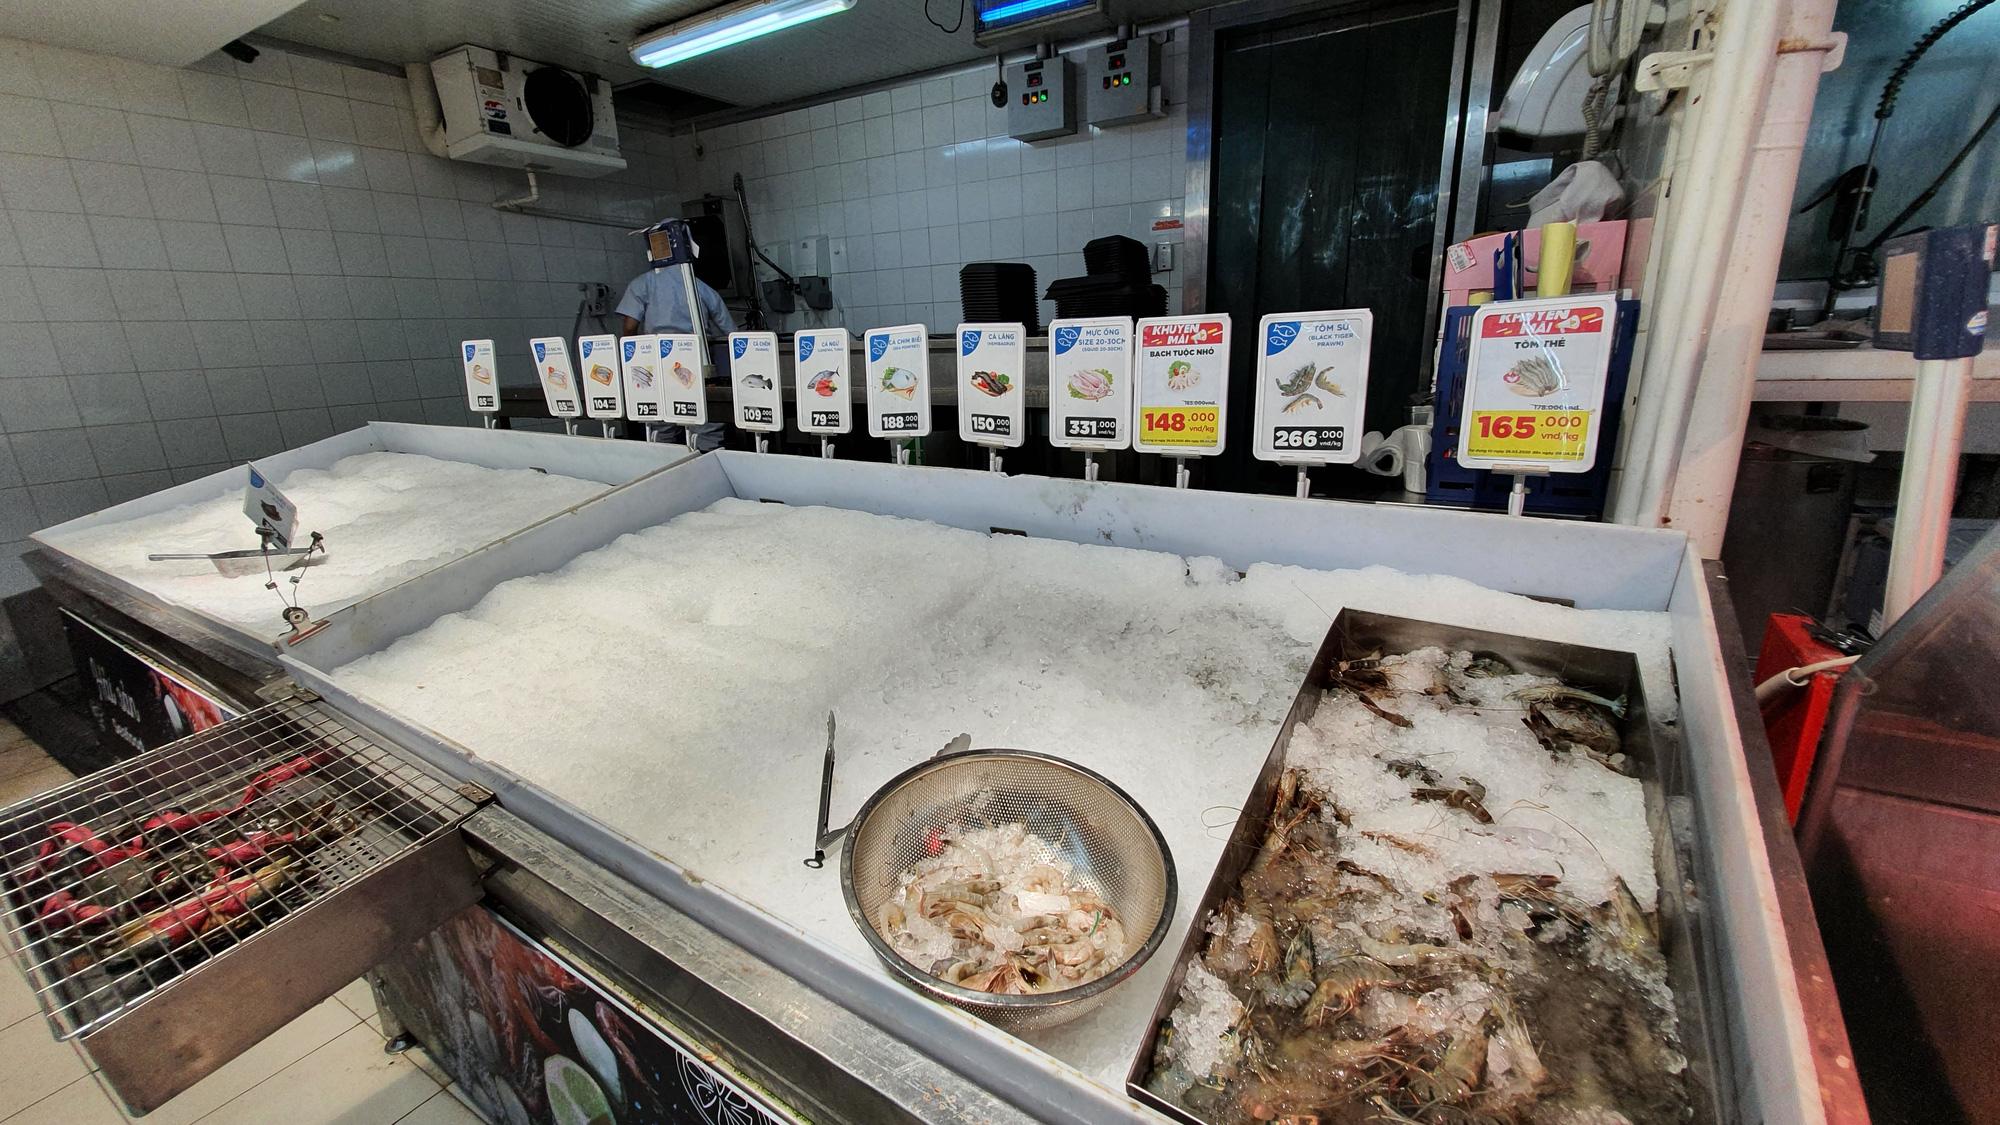 Sợ siêu thị đóng cửa, bị rủ rê… người Sài gòn kéo nhau đi mua đồ về trữ cho 14 ngày cách li xã hội - Ảnh 17.